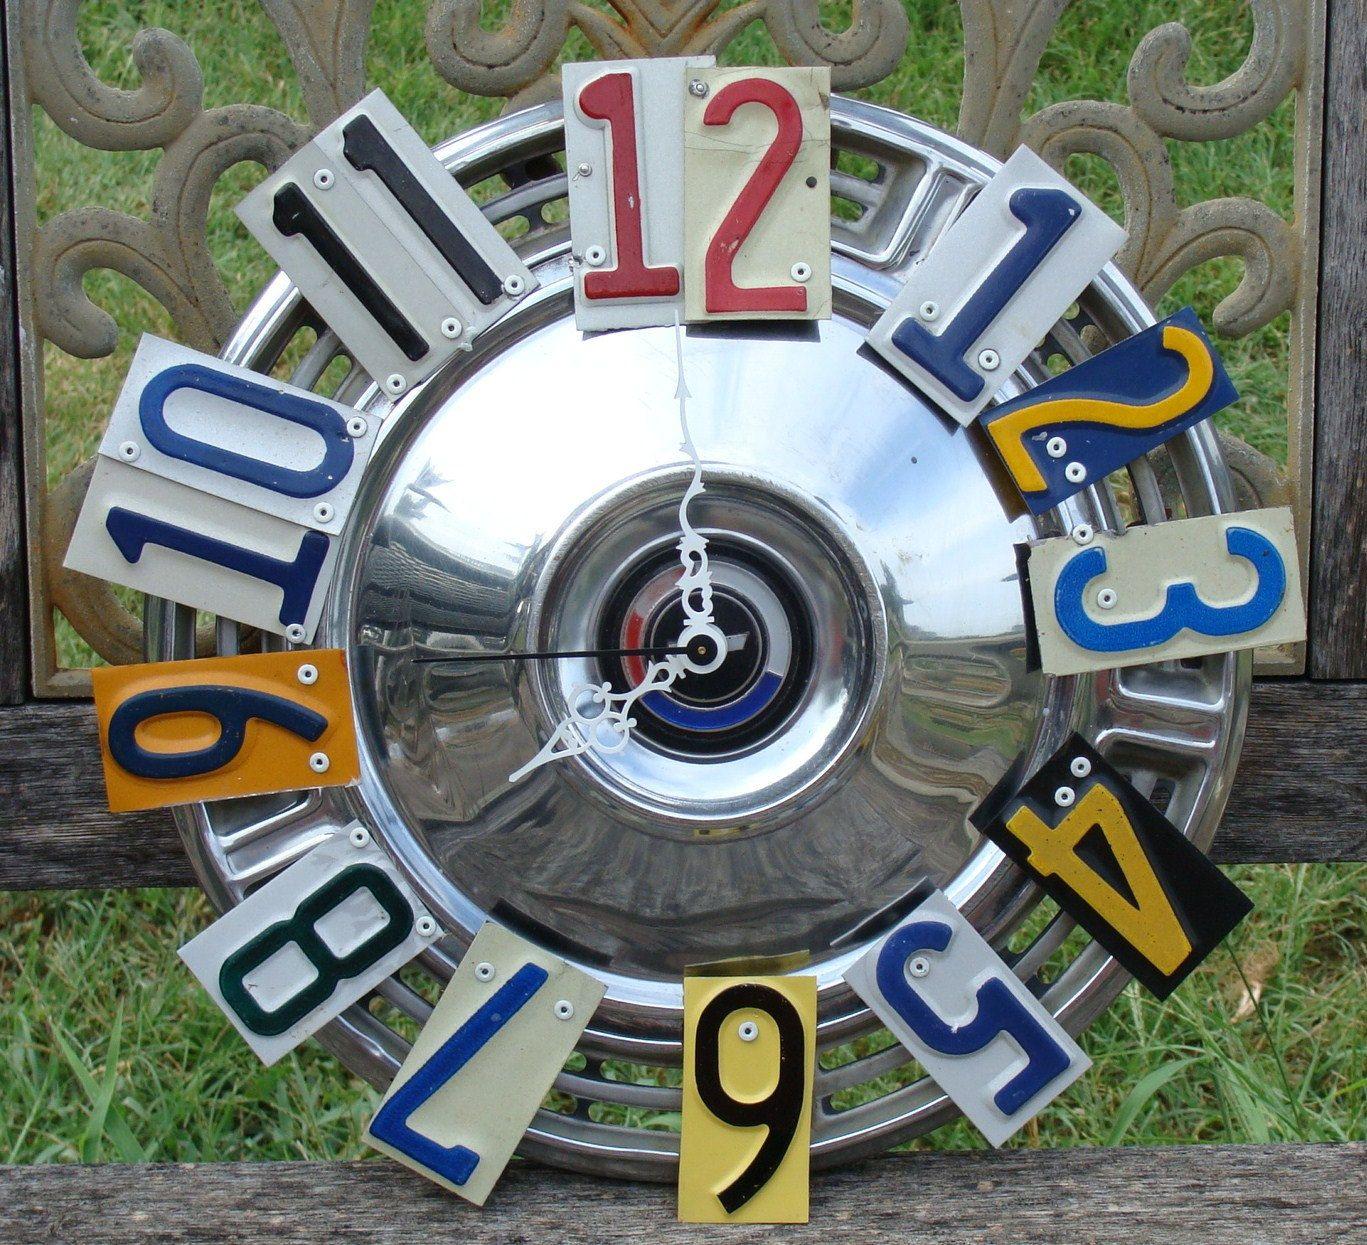 Reloj con partes de matrículas y un embellecedor de llanta ...